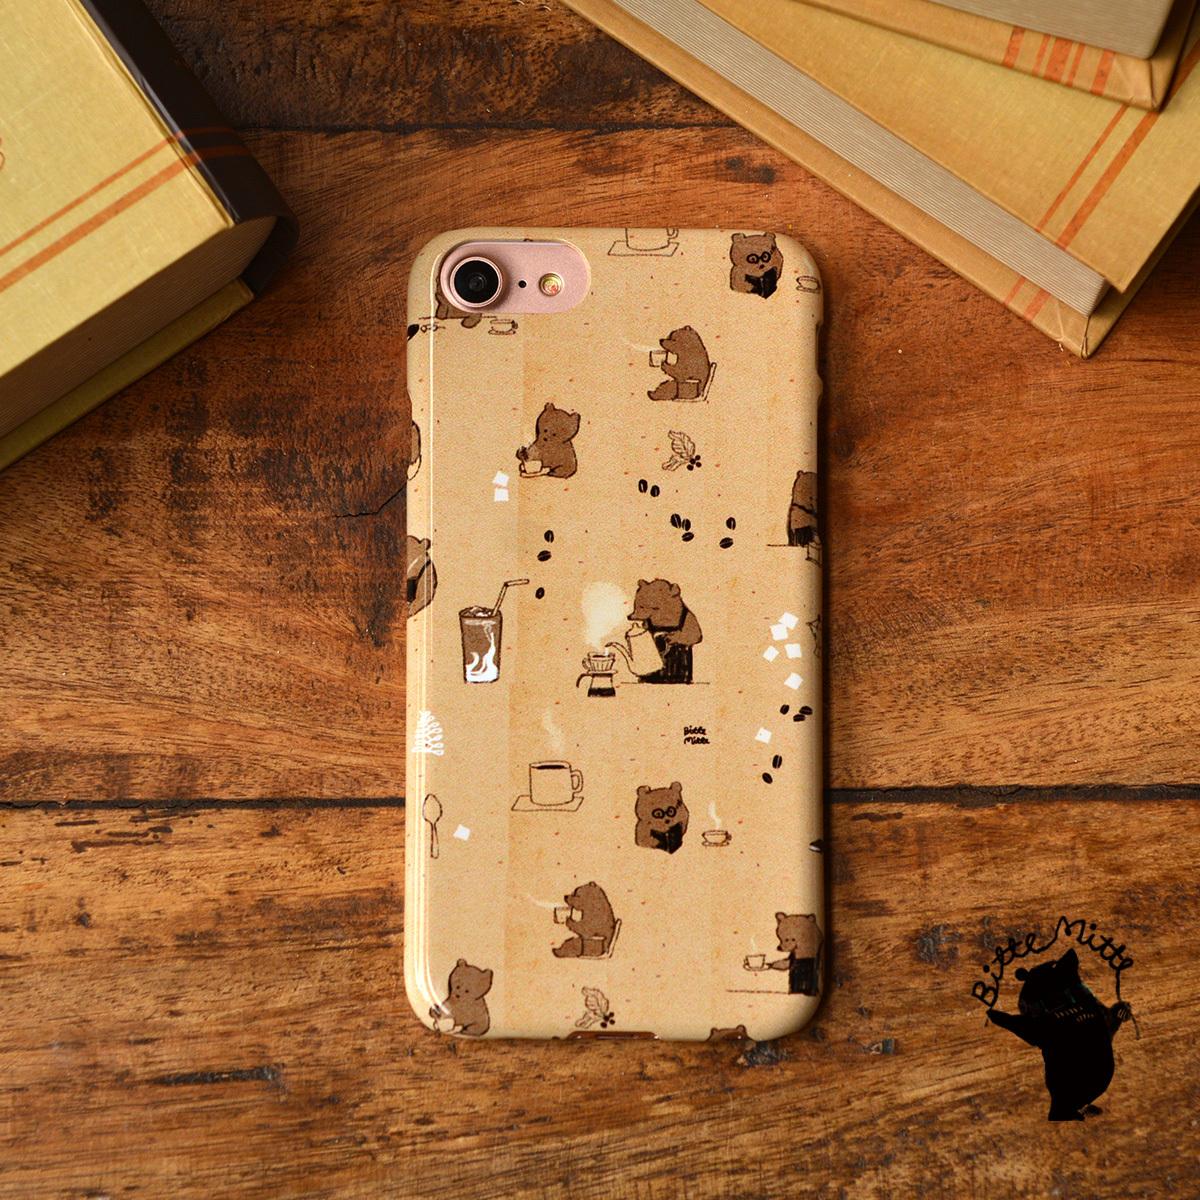 iphone8 ハードケース おしゃれ iphone8 ハードケース シンプル iphone7 ケース かわいい ハード くま クマカフェの一日/Bitte Mitte!